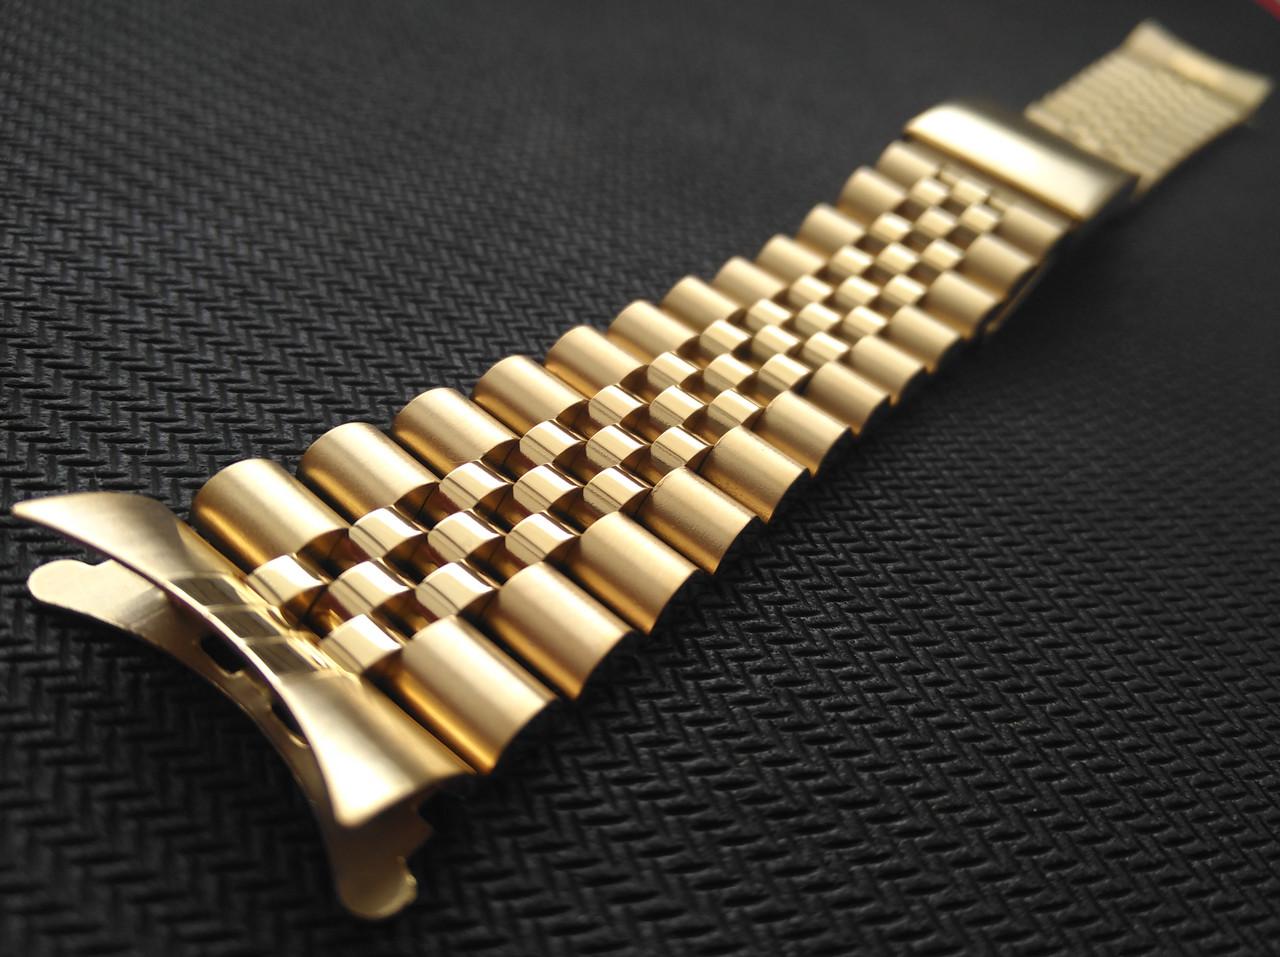 Браслет Jubilee для часов из нержавеющая стали, литой, глянец/мат. Золотистый. Заокругленное окончание. 22 мм